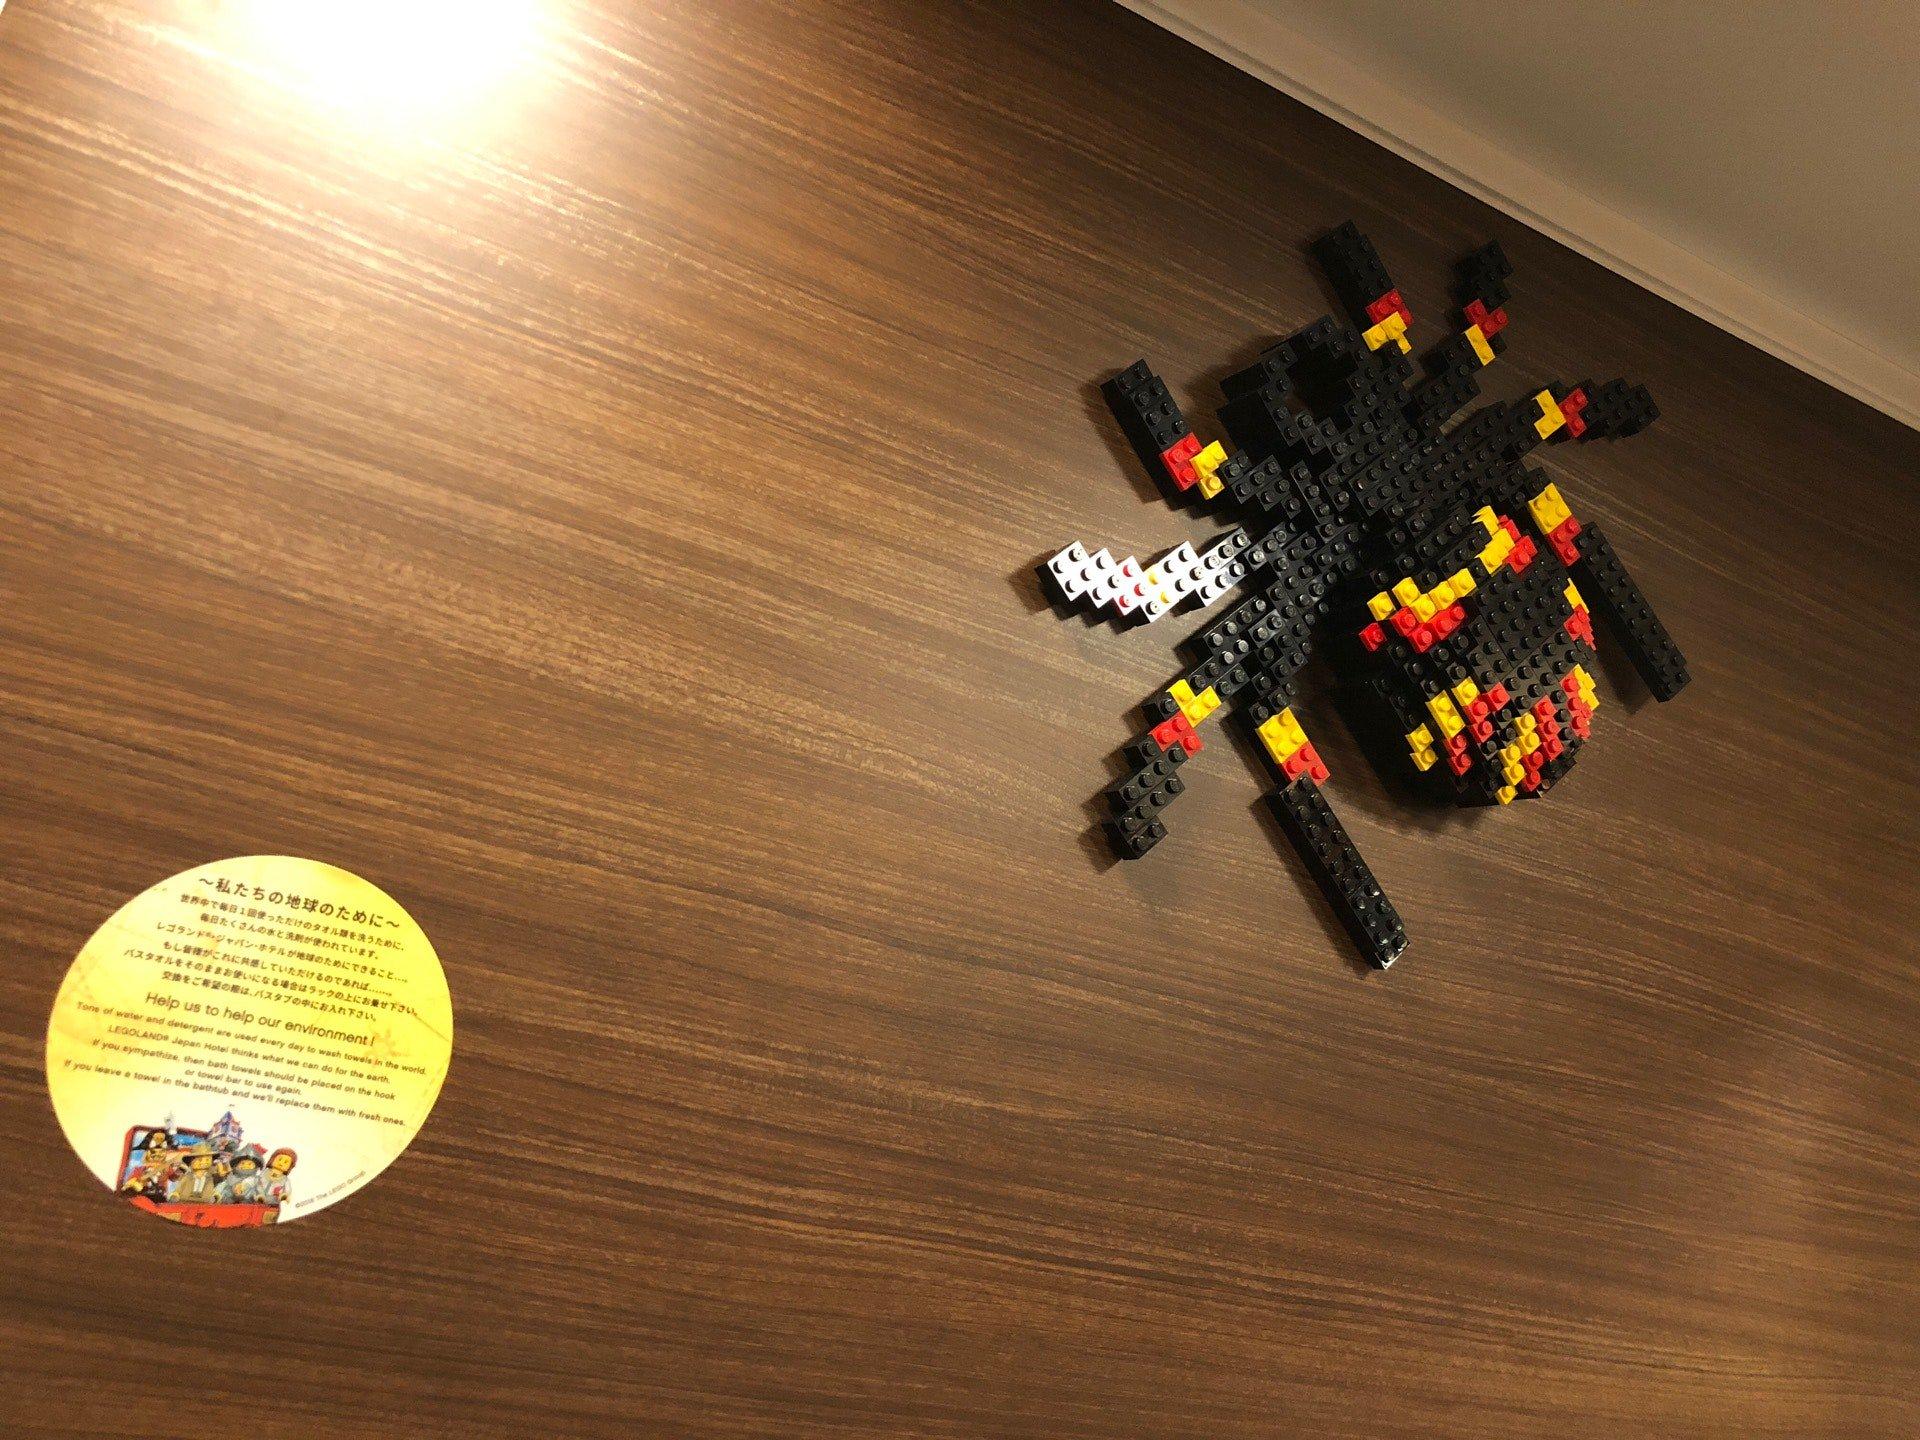 トイレに蜘蛛がいる Σ(・□・;) (@ レゴランド・ジャパン・ホテル in 名古屋市港区, 愛知県) https://t.co/O3l59GeDWj https://t.co/Tek8mbsEIq